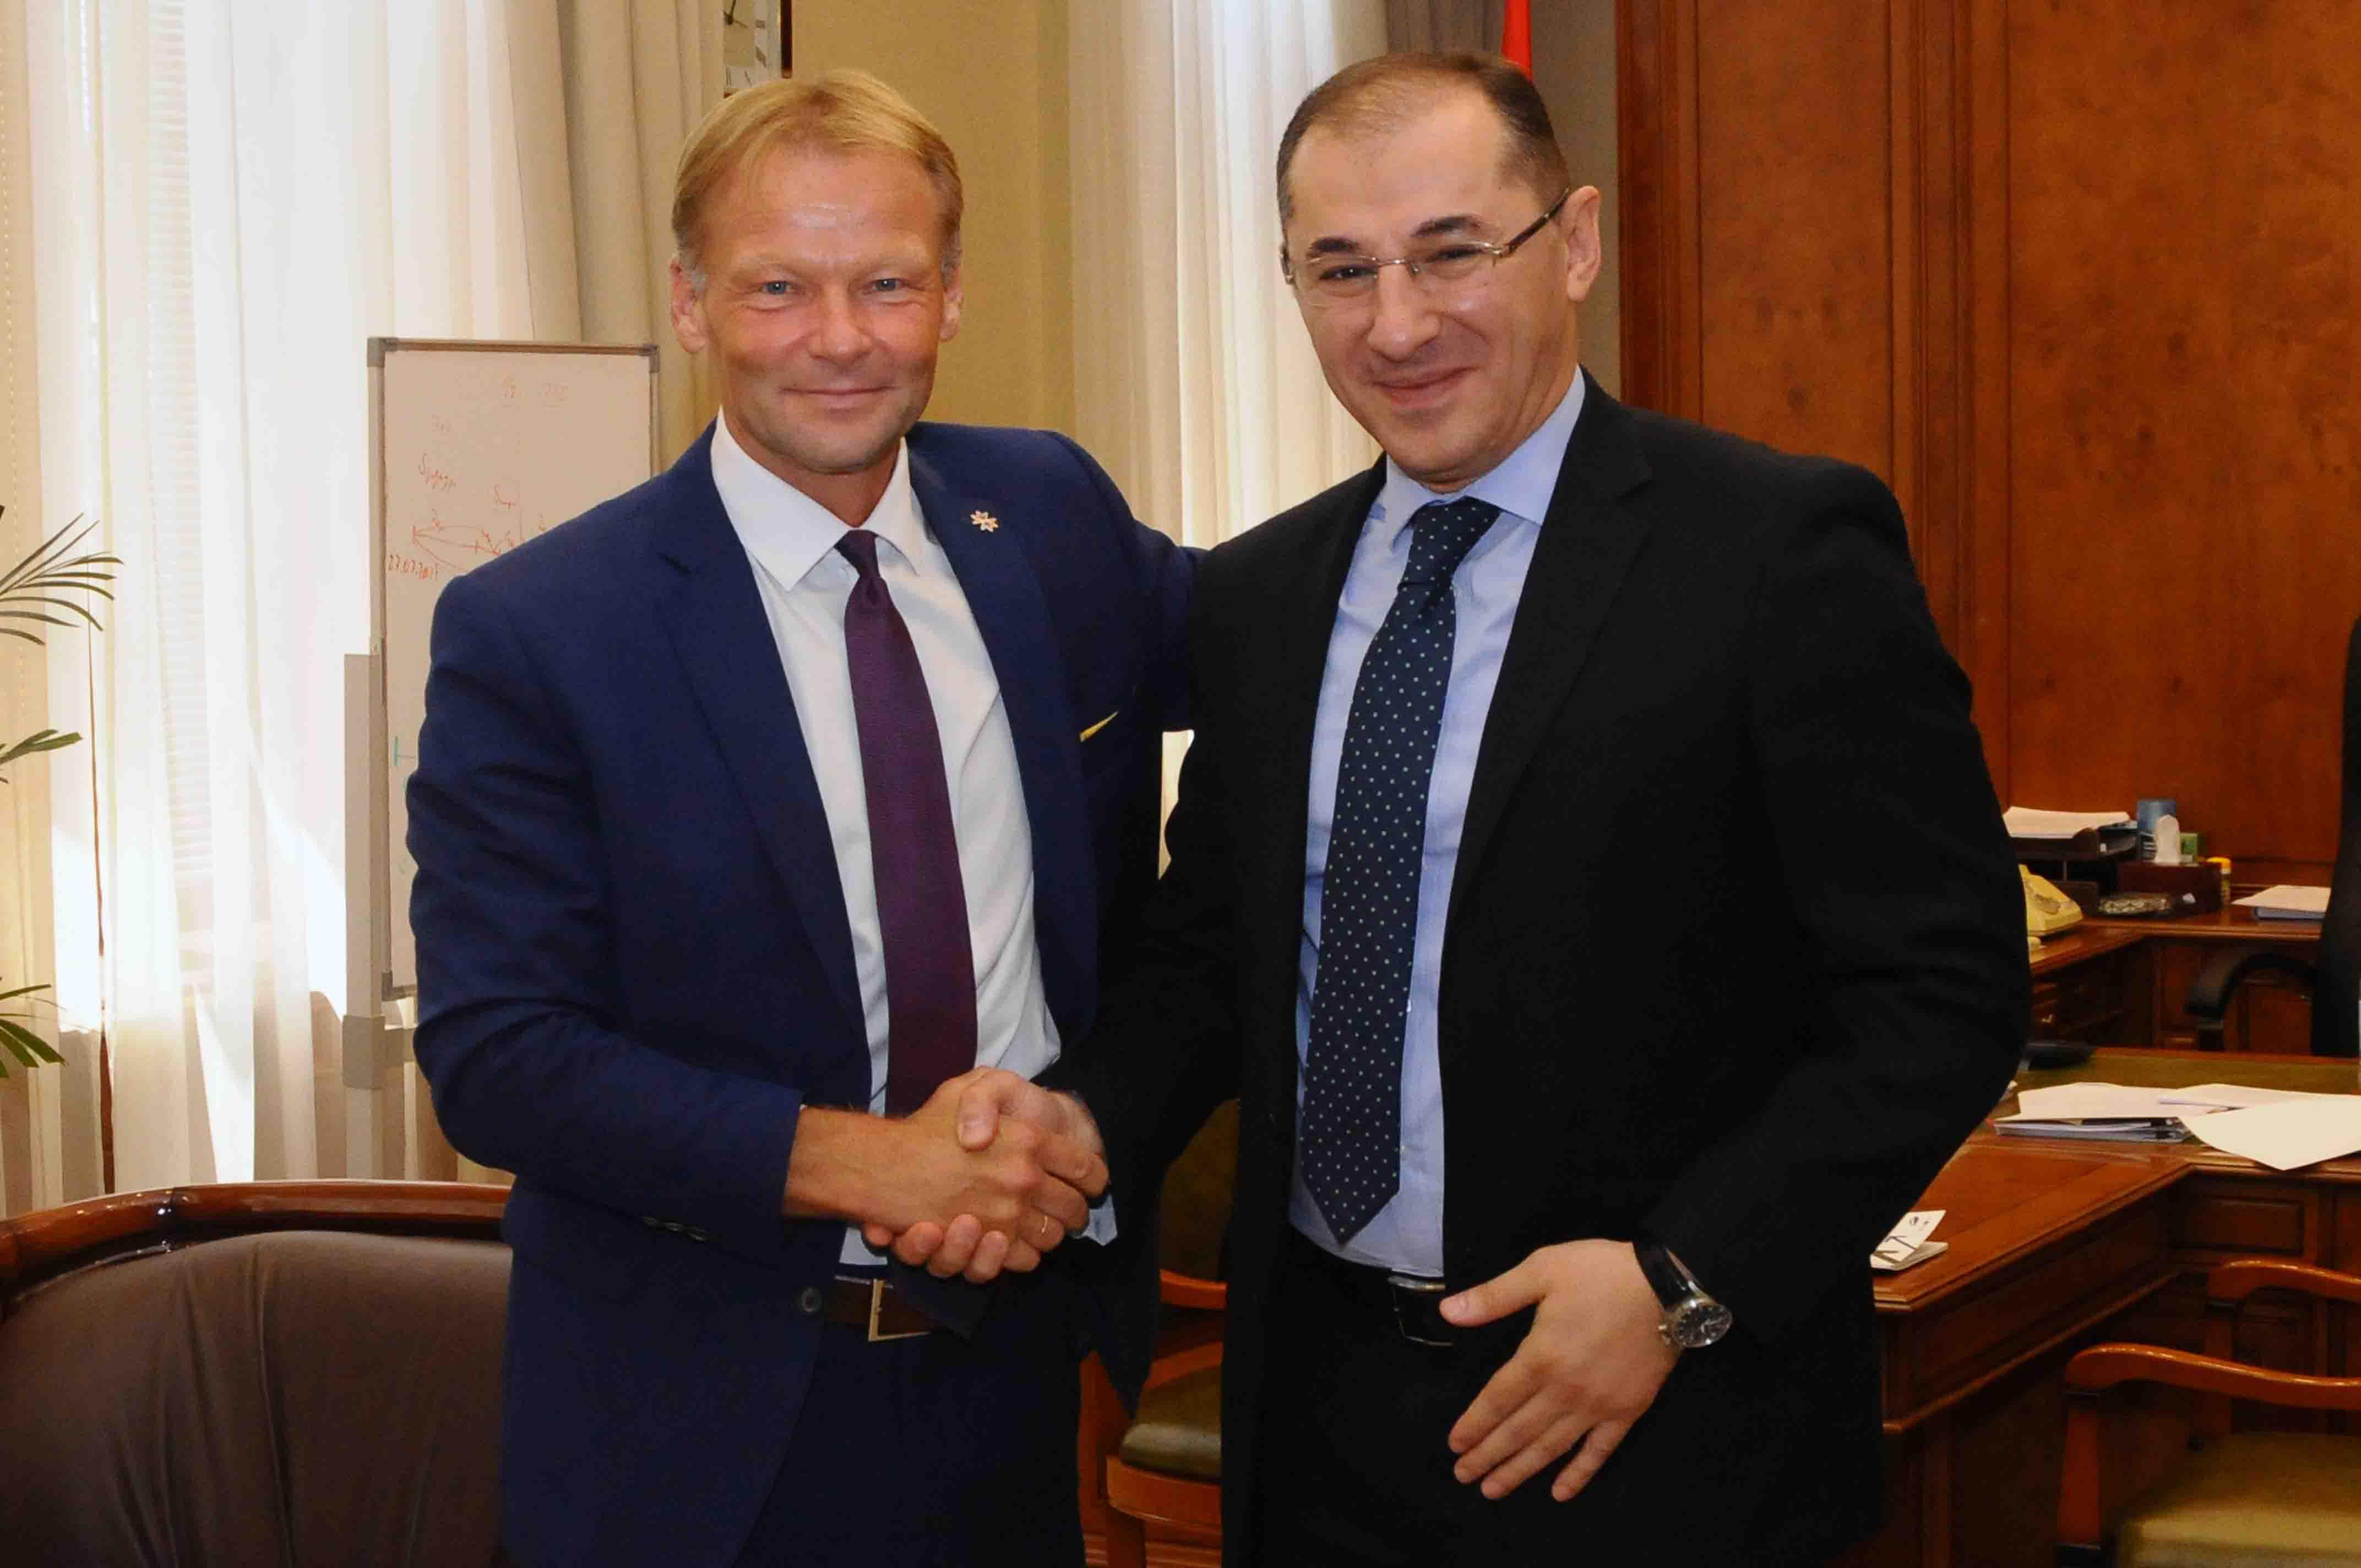 Վարդան Արամյանը հանդիպել է Եվրոպական ներդրումային բանկի փոխնախագահ Վազիլ Հուդակին